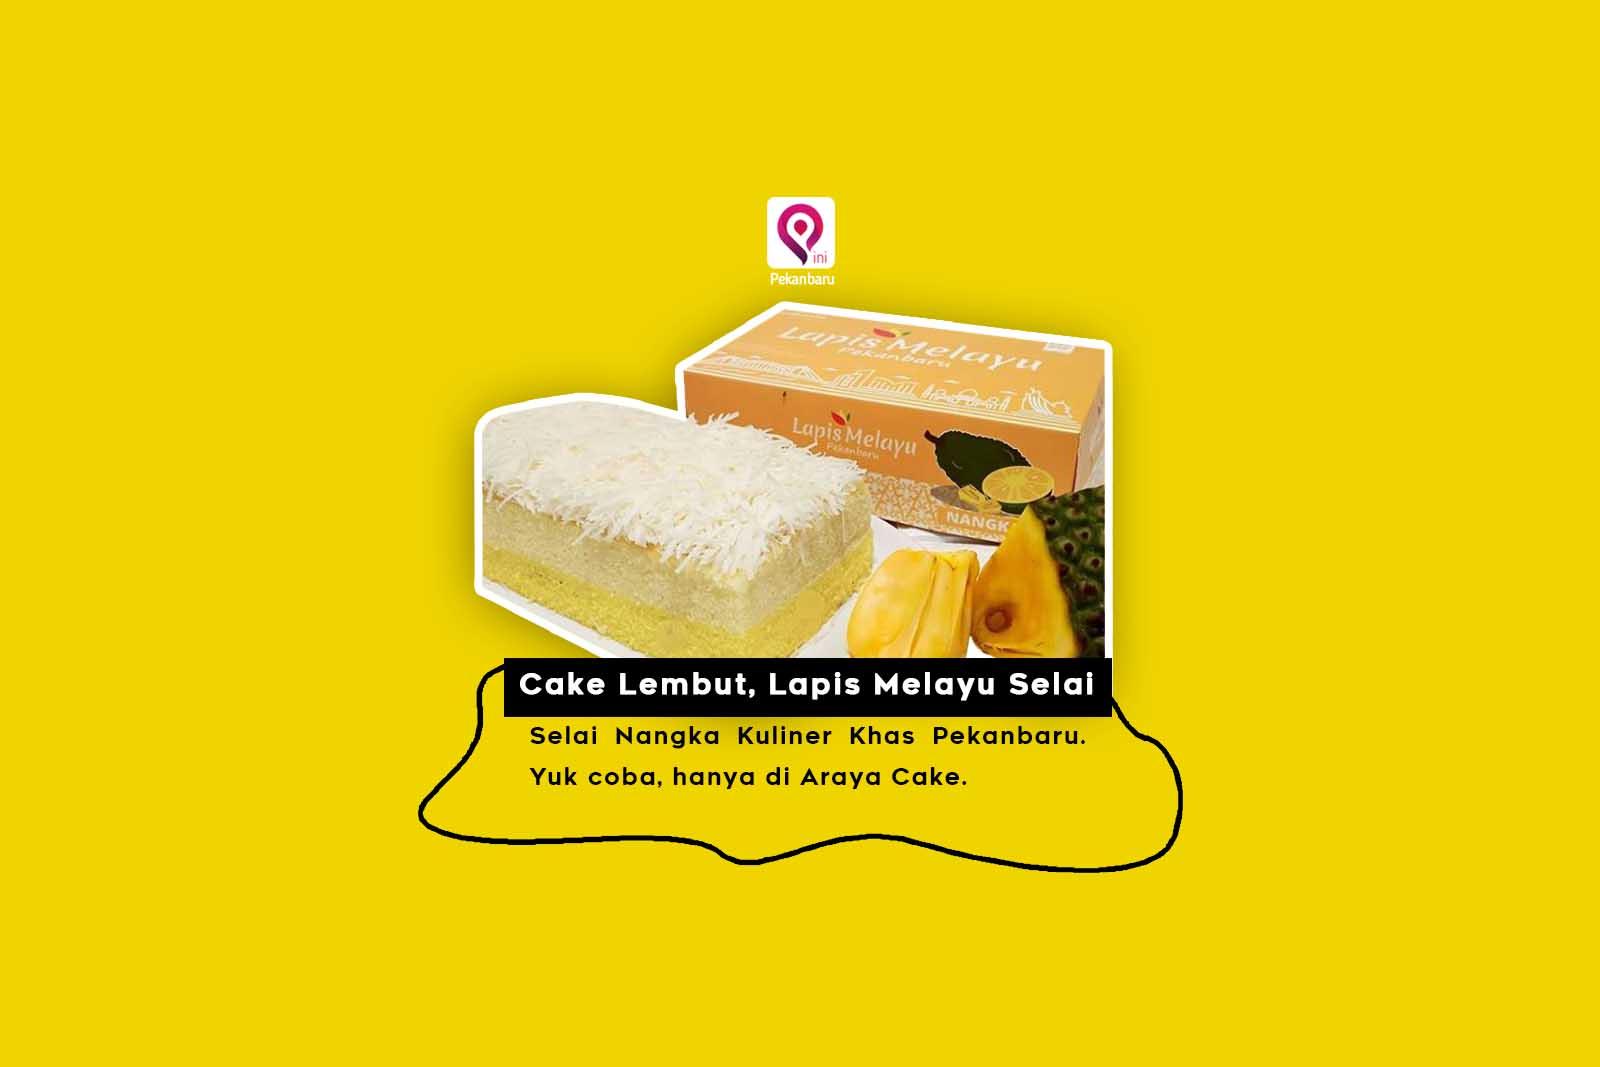 Cake Lembut, Lapis Melayu Selai Nangka Kuliner Khas Pekanbaru